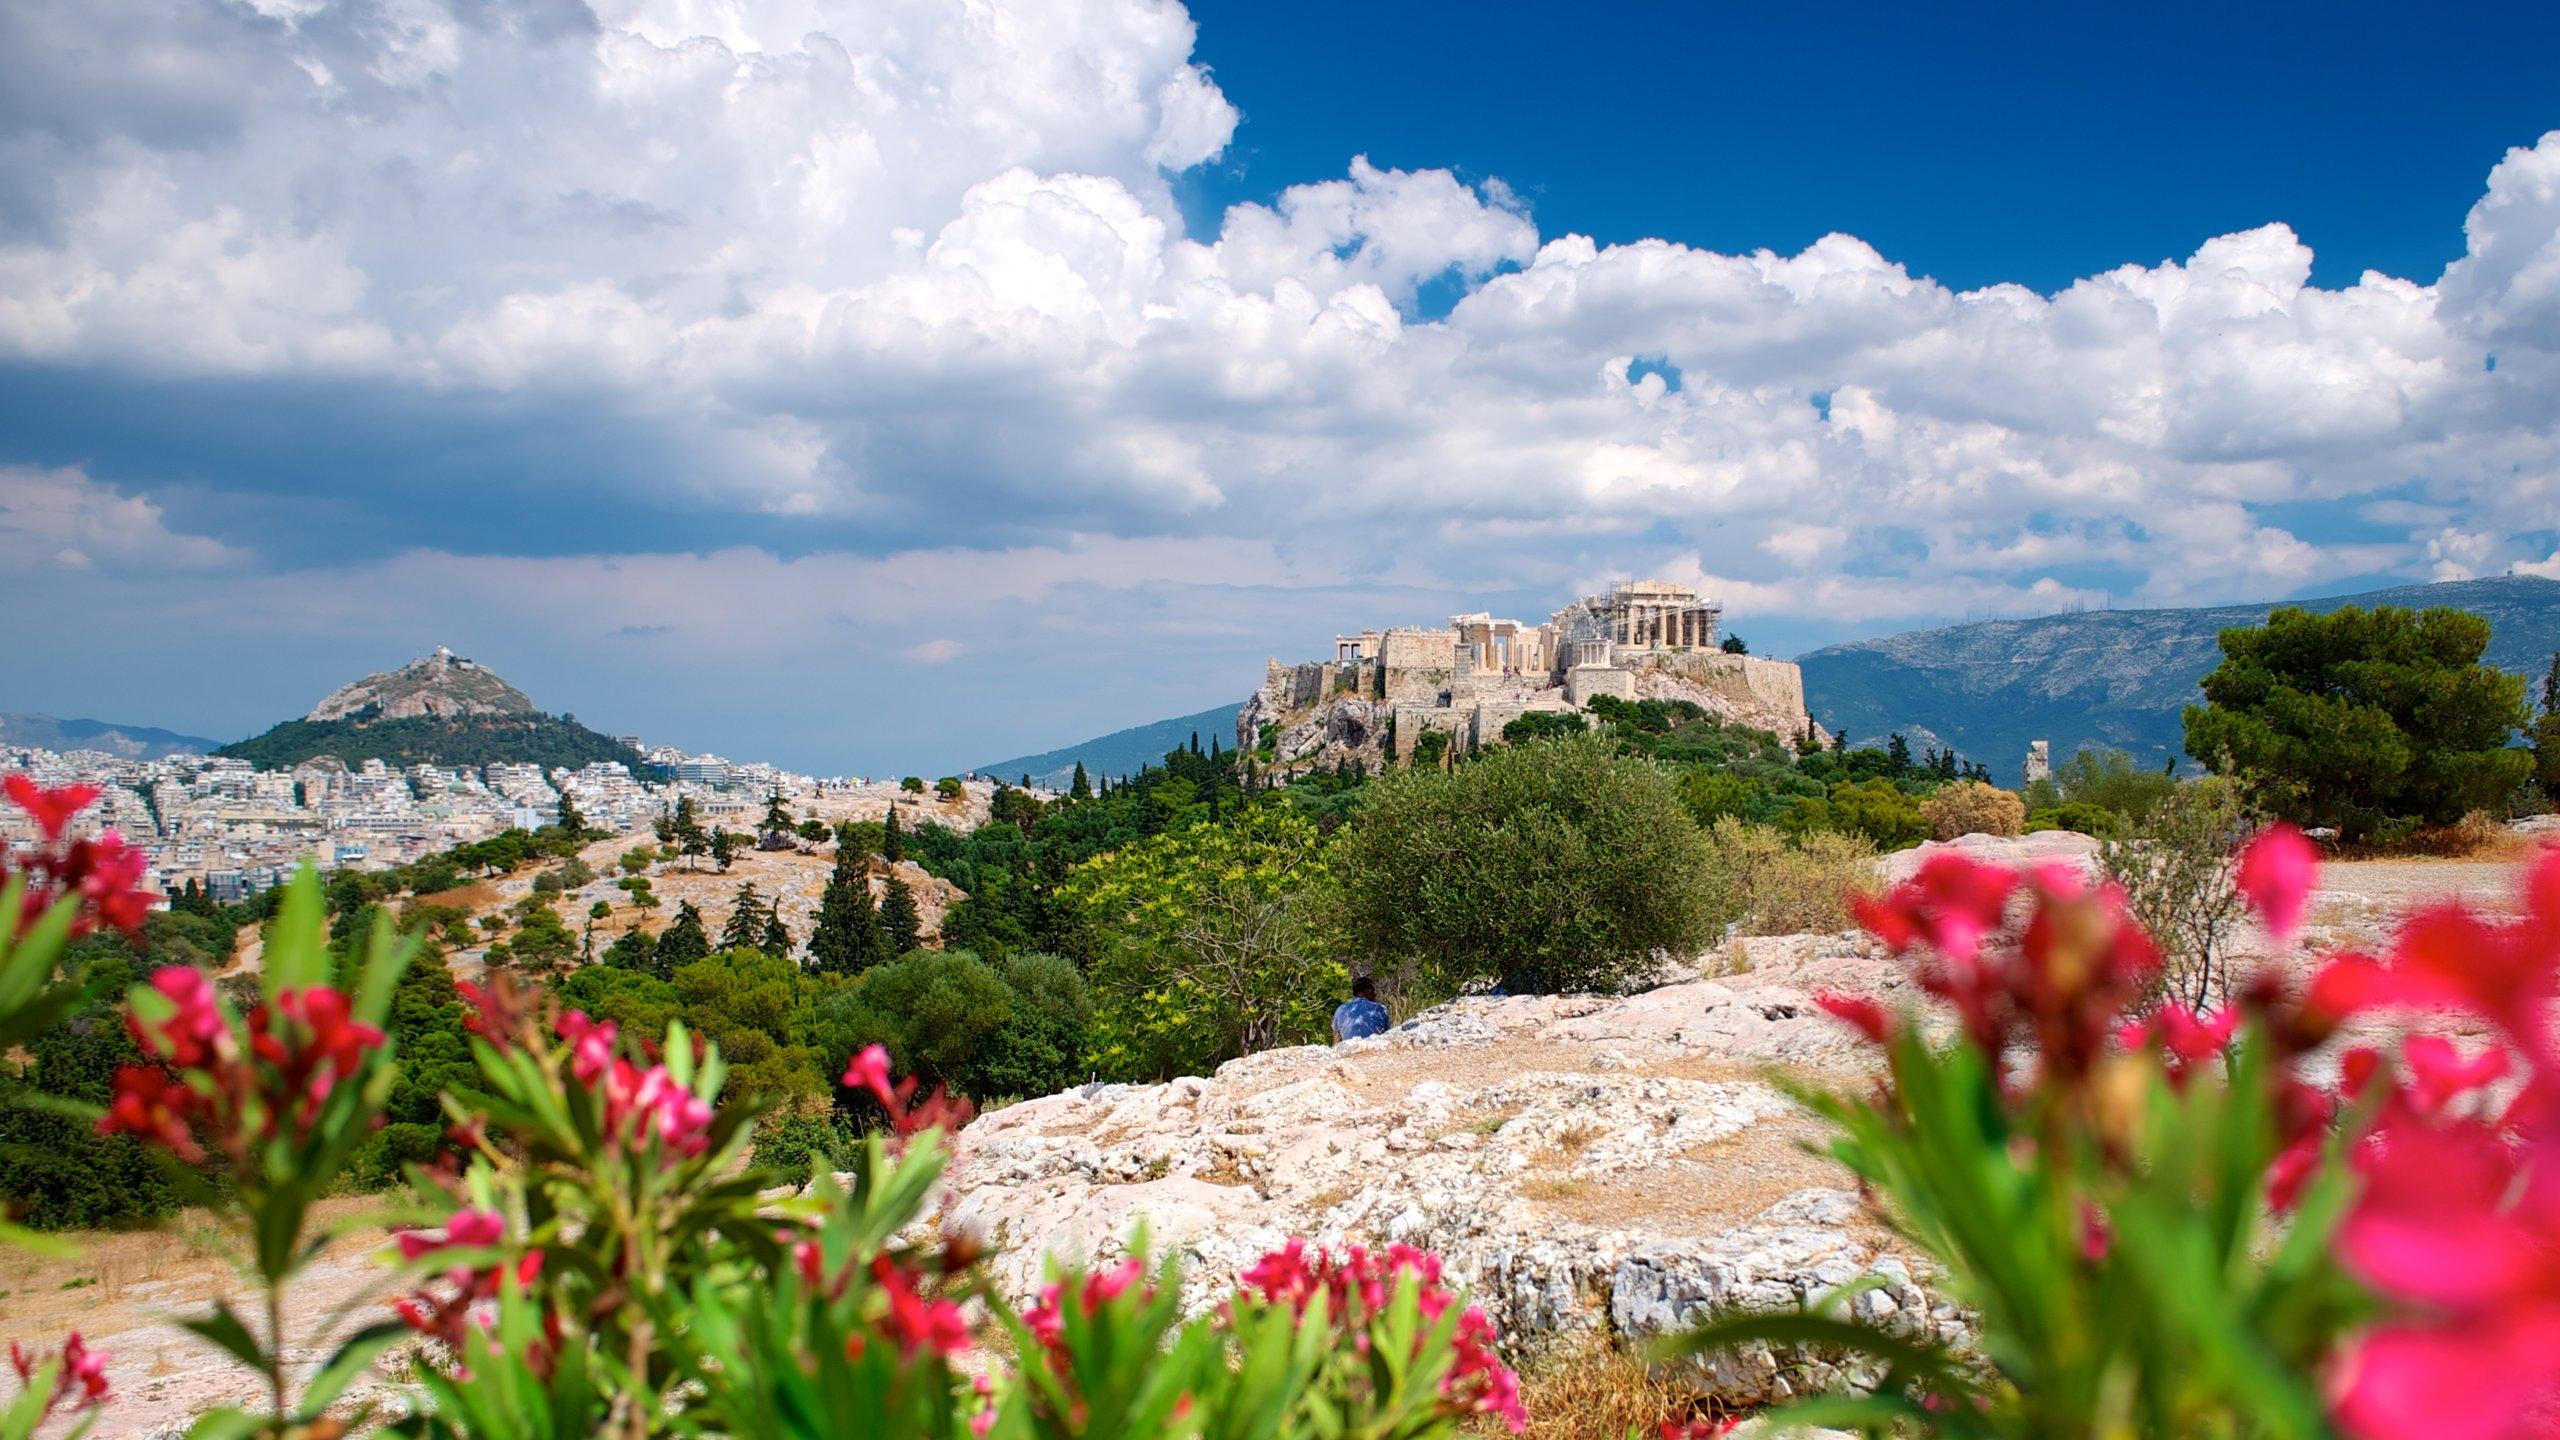 Attica, Greece